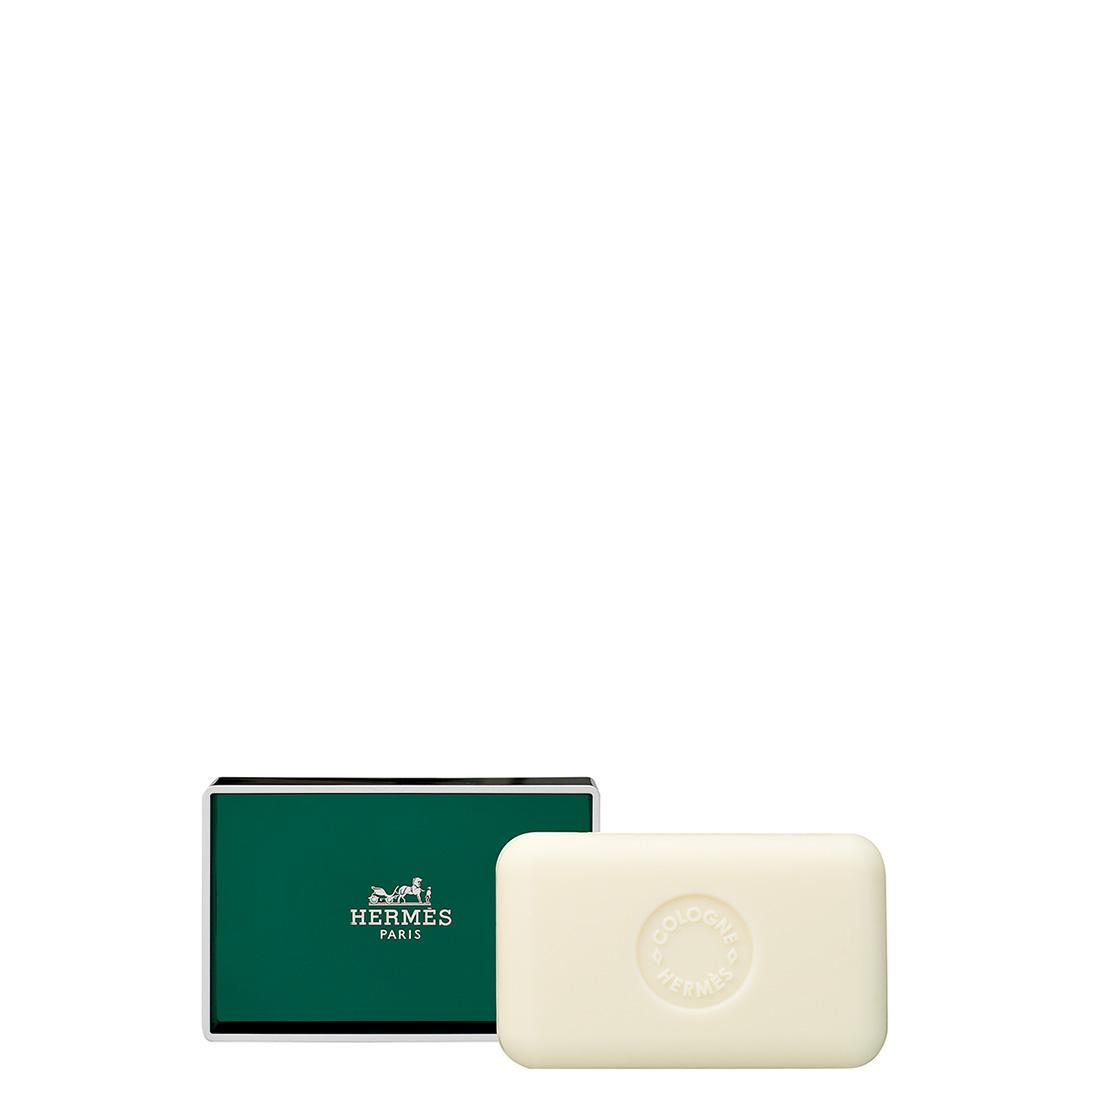 Hermès - Eau d'orange verte - Savon Parfumé